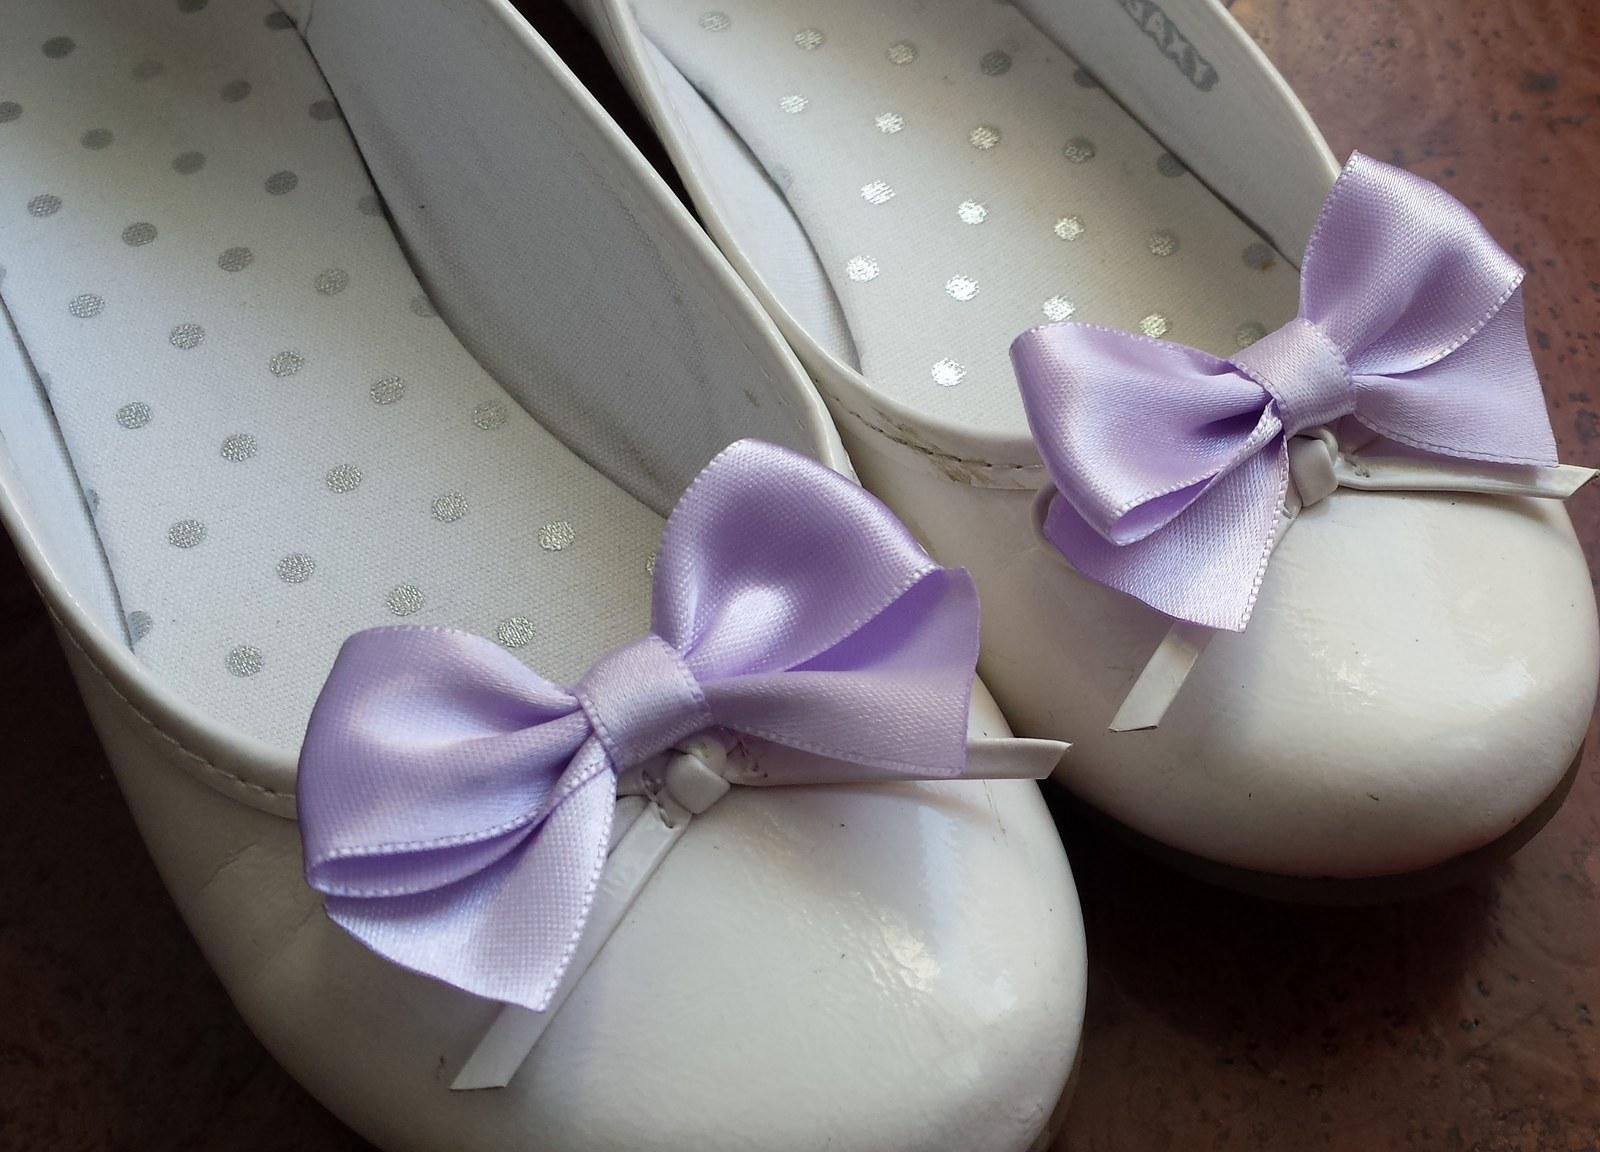 Klipy na boty pro nevěstu s lila mašličkou - Obrázek č. 1